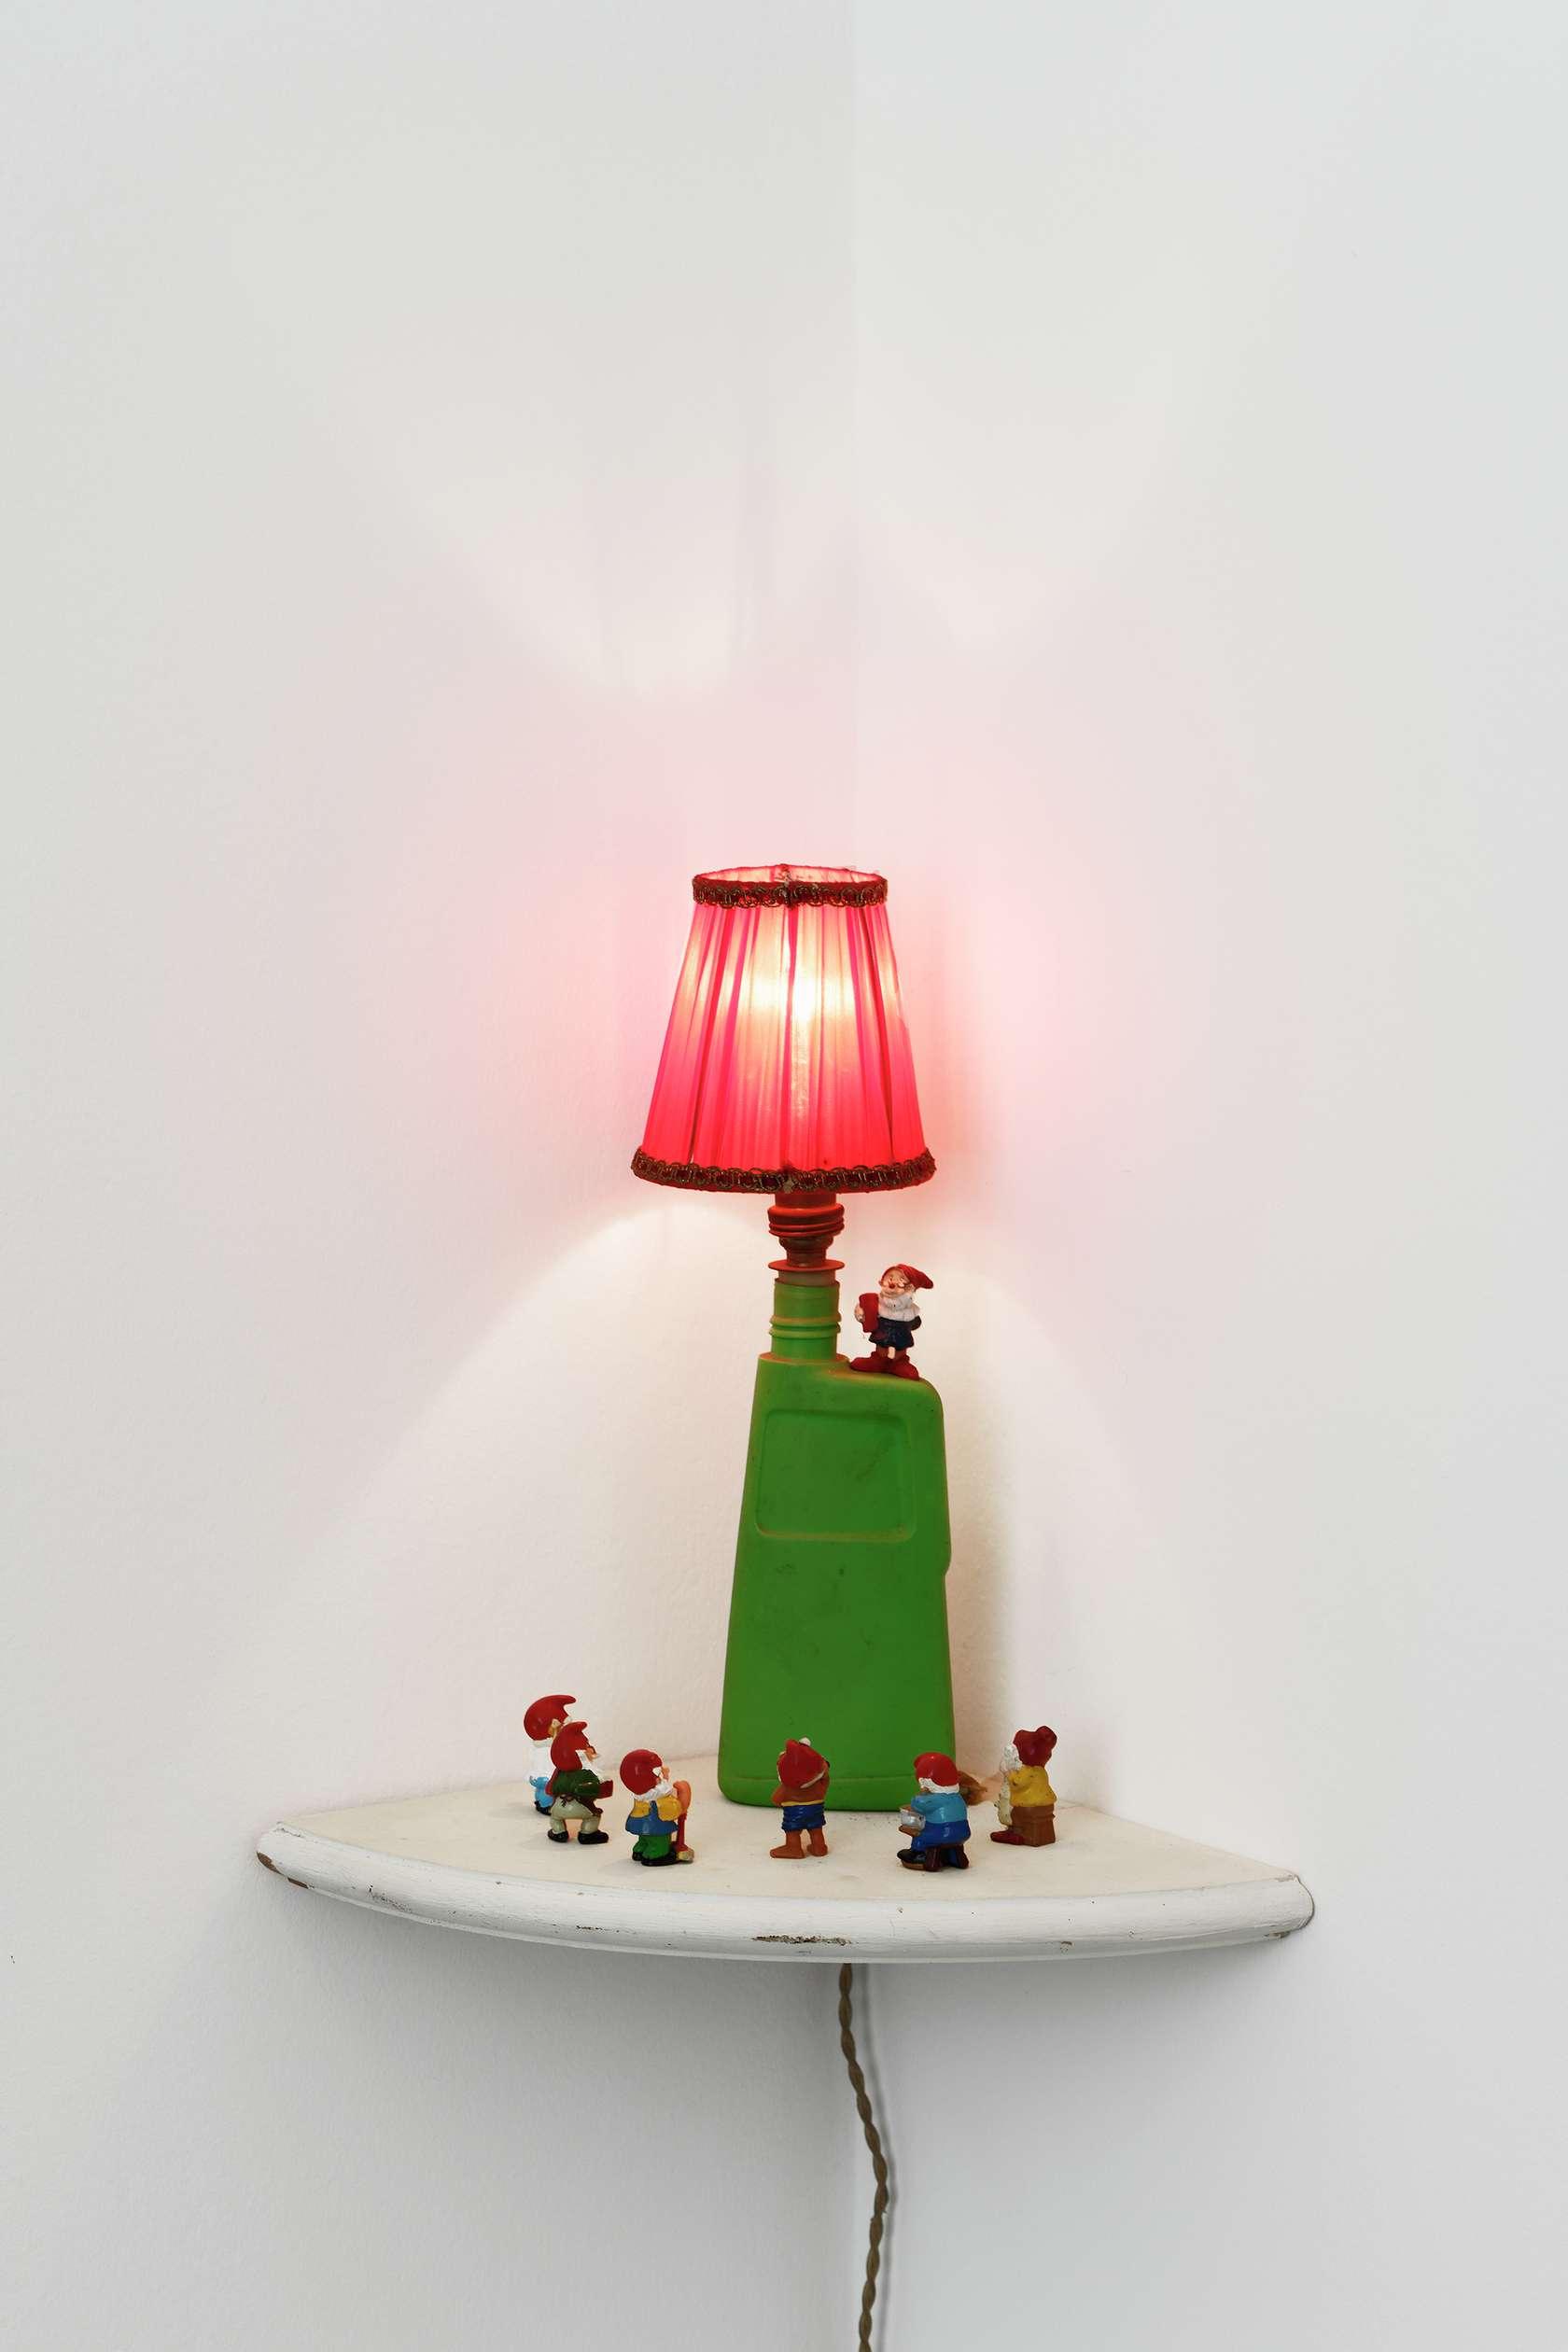 Présence Panchounette, Auch zwerge haben klein angefangen - Les nains aussi ont commencé petit, 1980 Mini bouteille plastique Soupline, douille métal,  ampoule, fil électrique, figurines nains28 × 24 × 24 cm / 11  × 9 1/2 × 9 1/2 in.